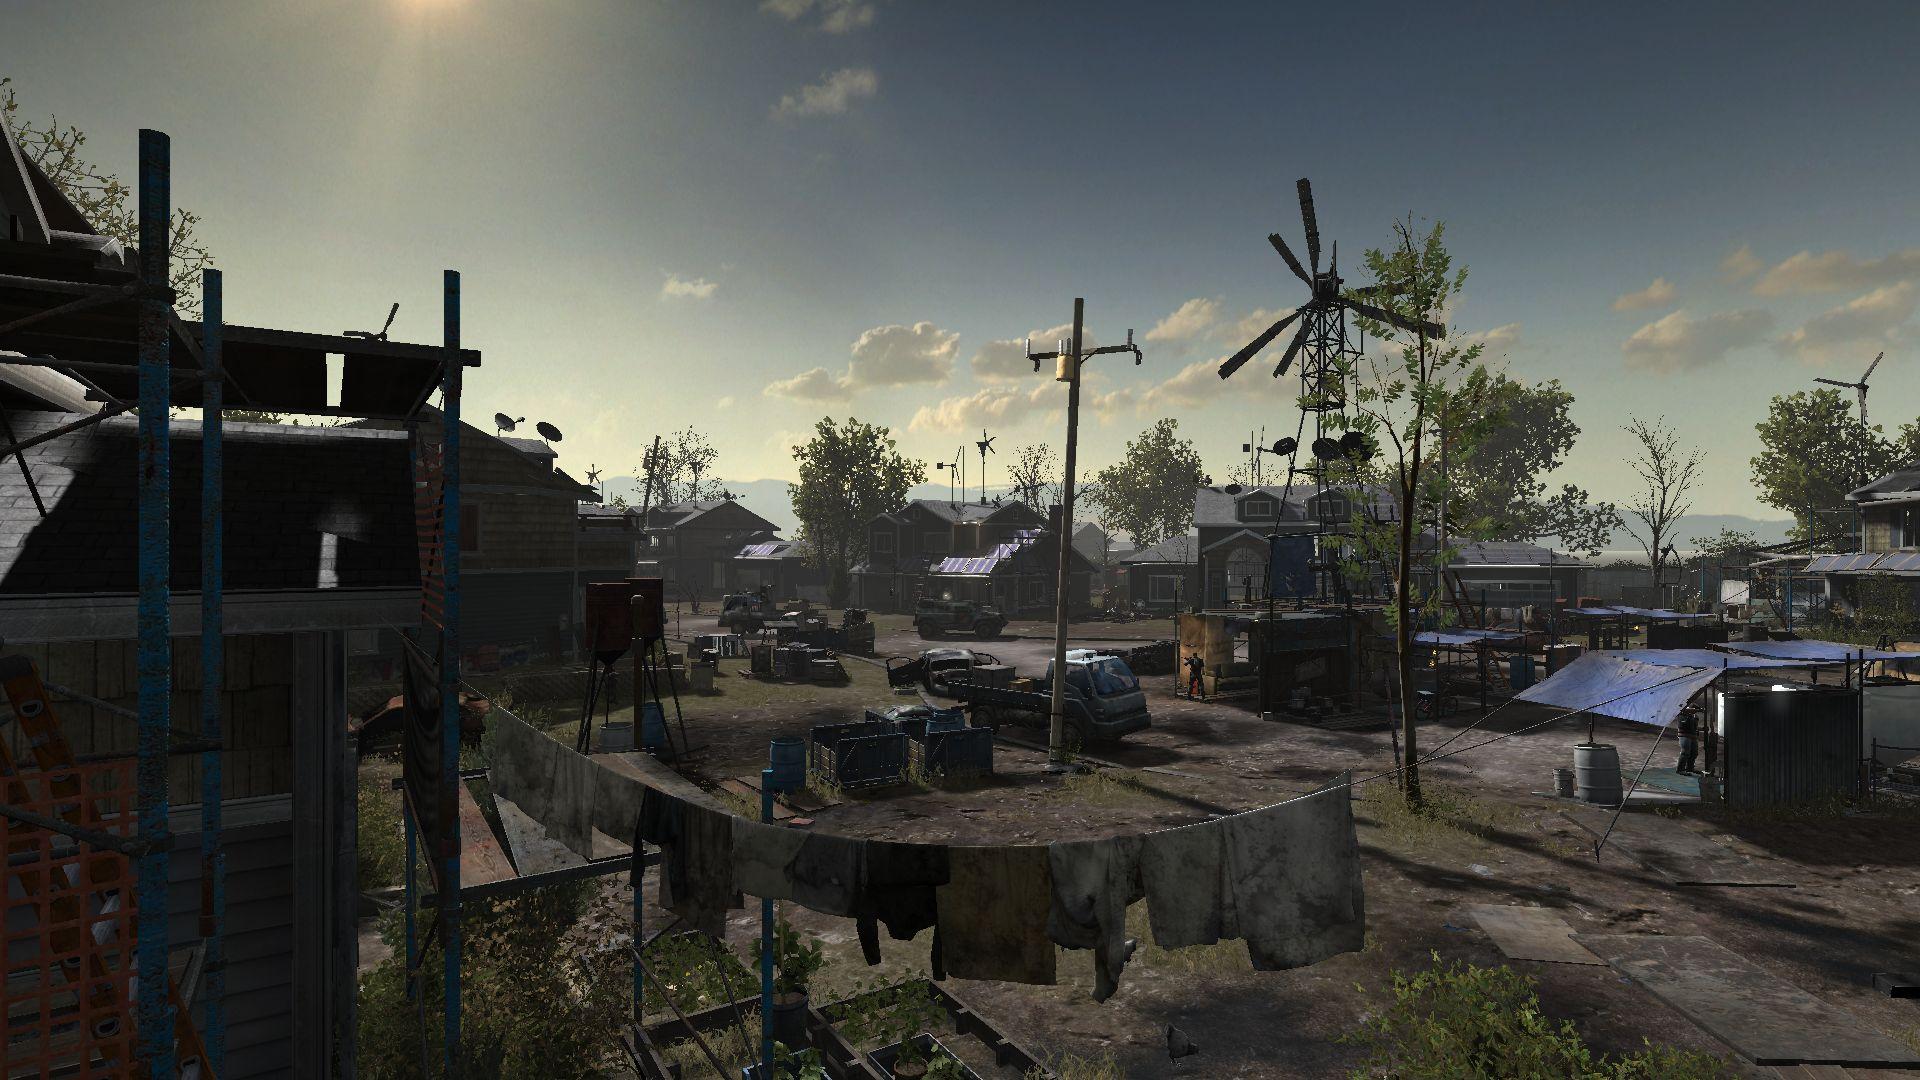 Скриншот из игры Homefront под номером 8. Перейти к скриншоту из игры strong em...